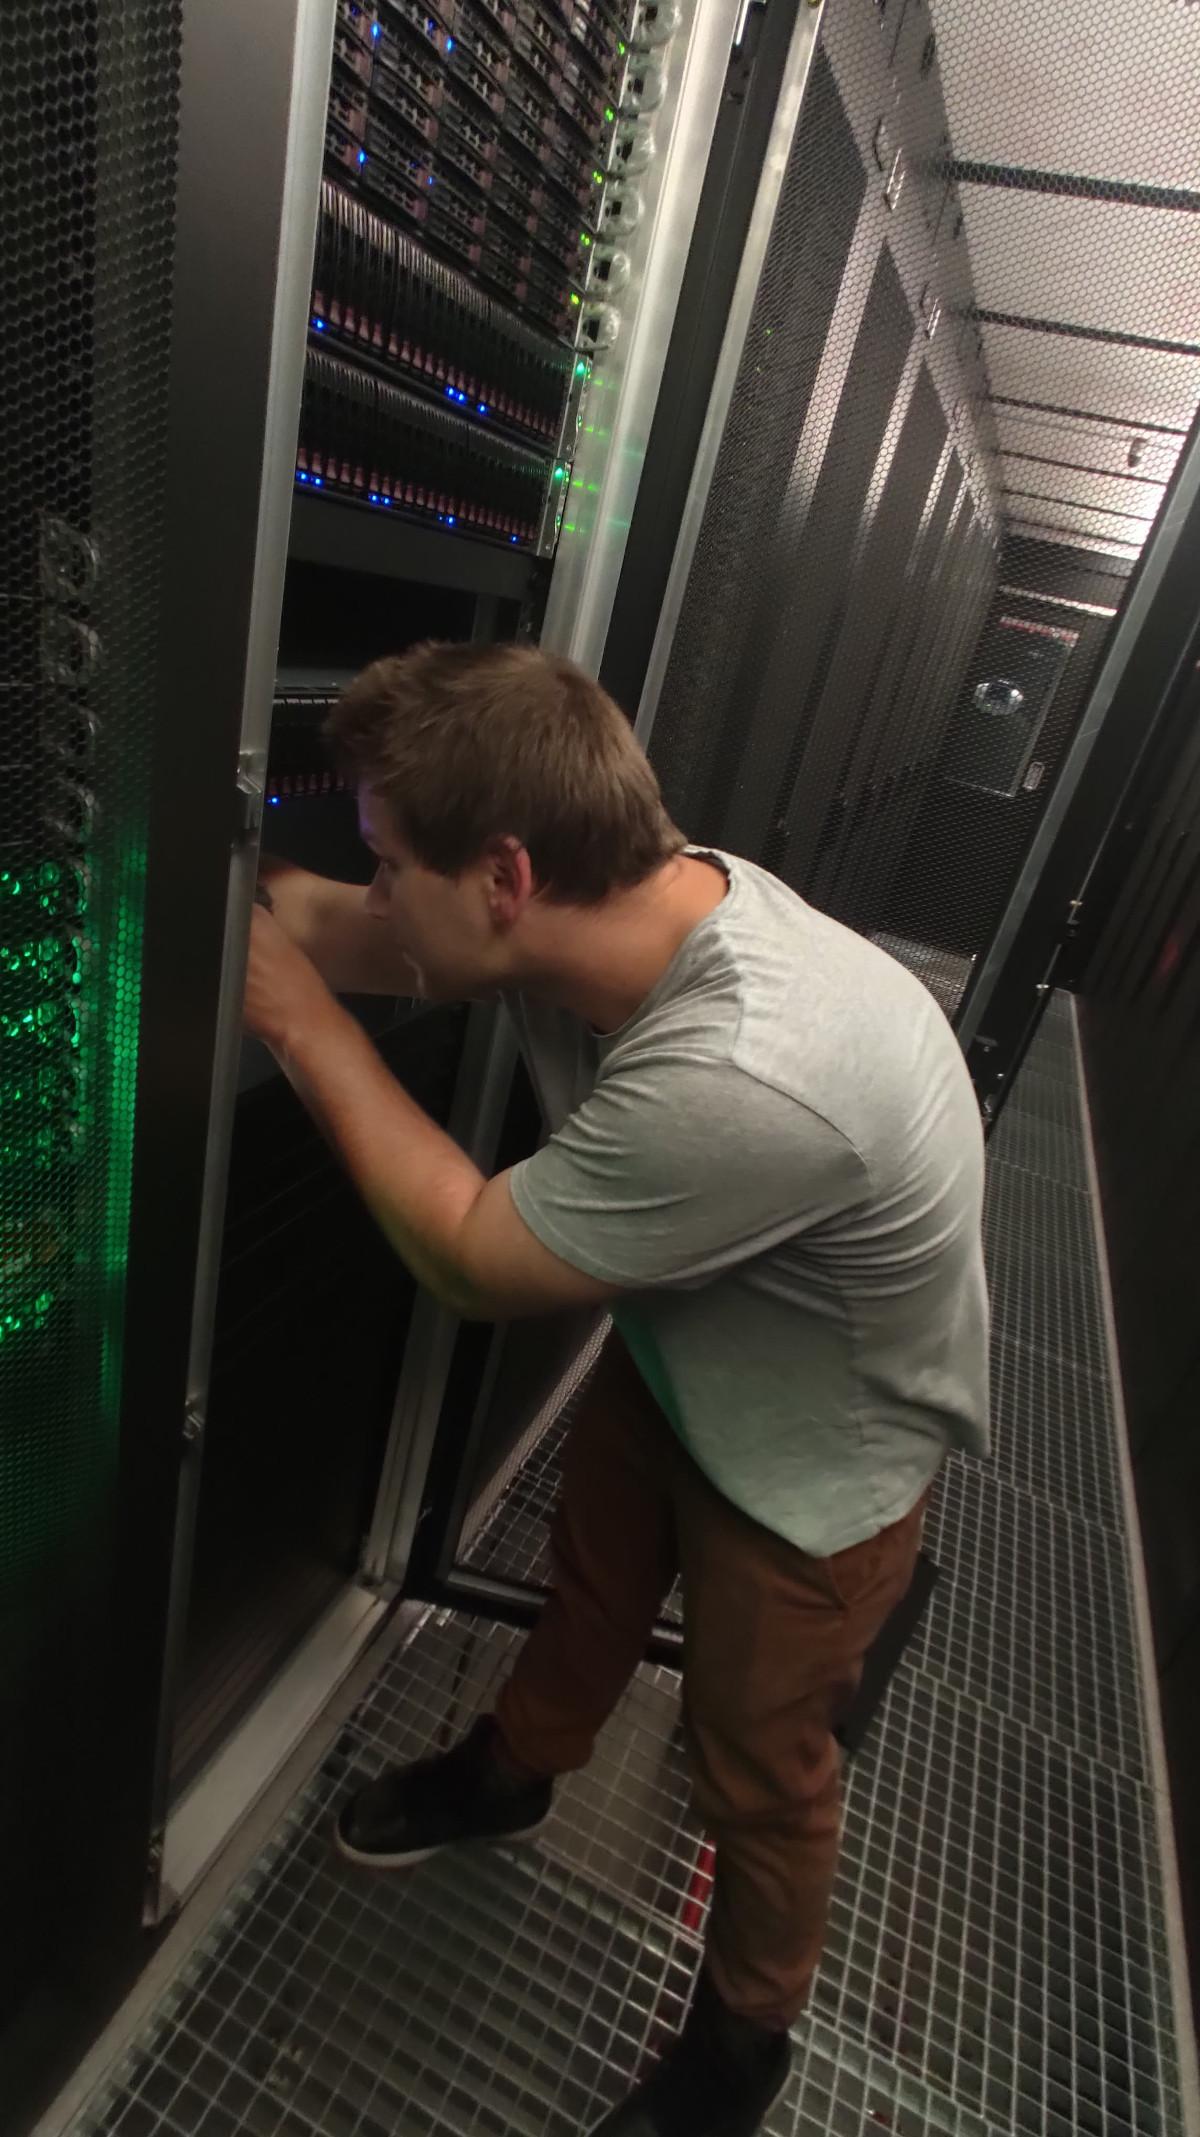 Z aspiracjami do grona liderów. Zenbox.pl zbudował własną chmurę, aby dostarczać usługi hostingowe bez przestojów